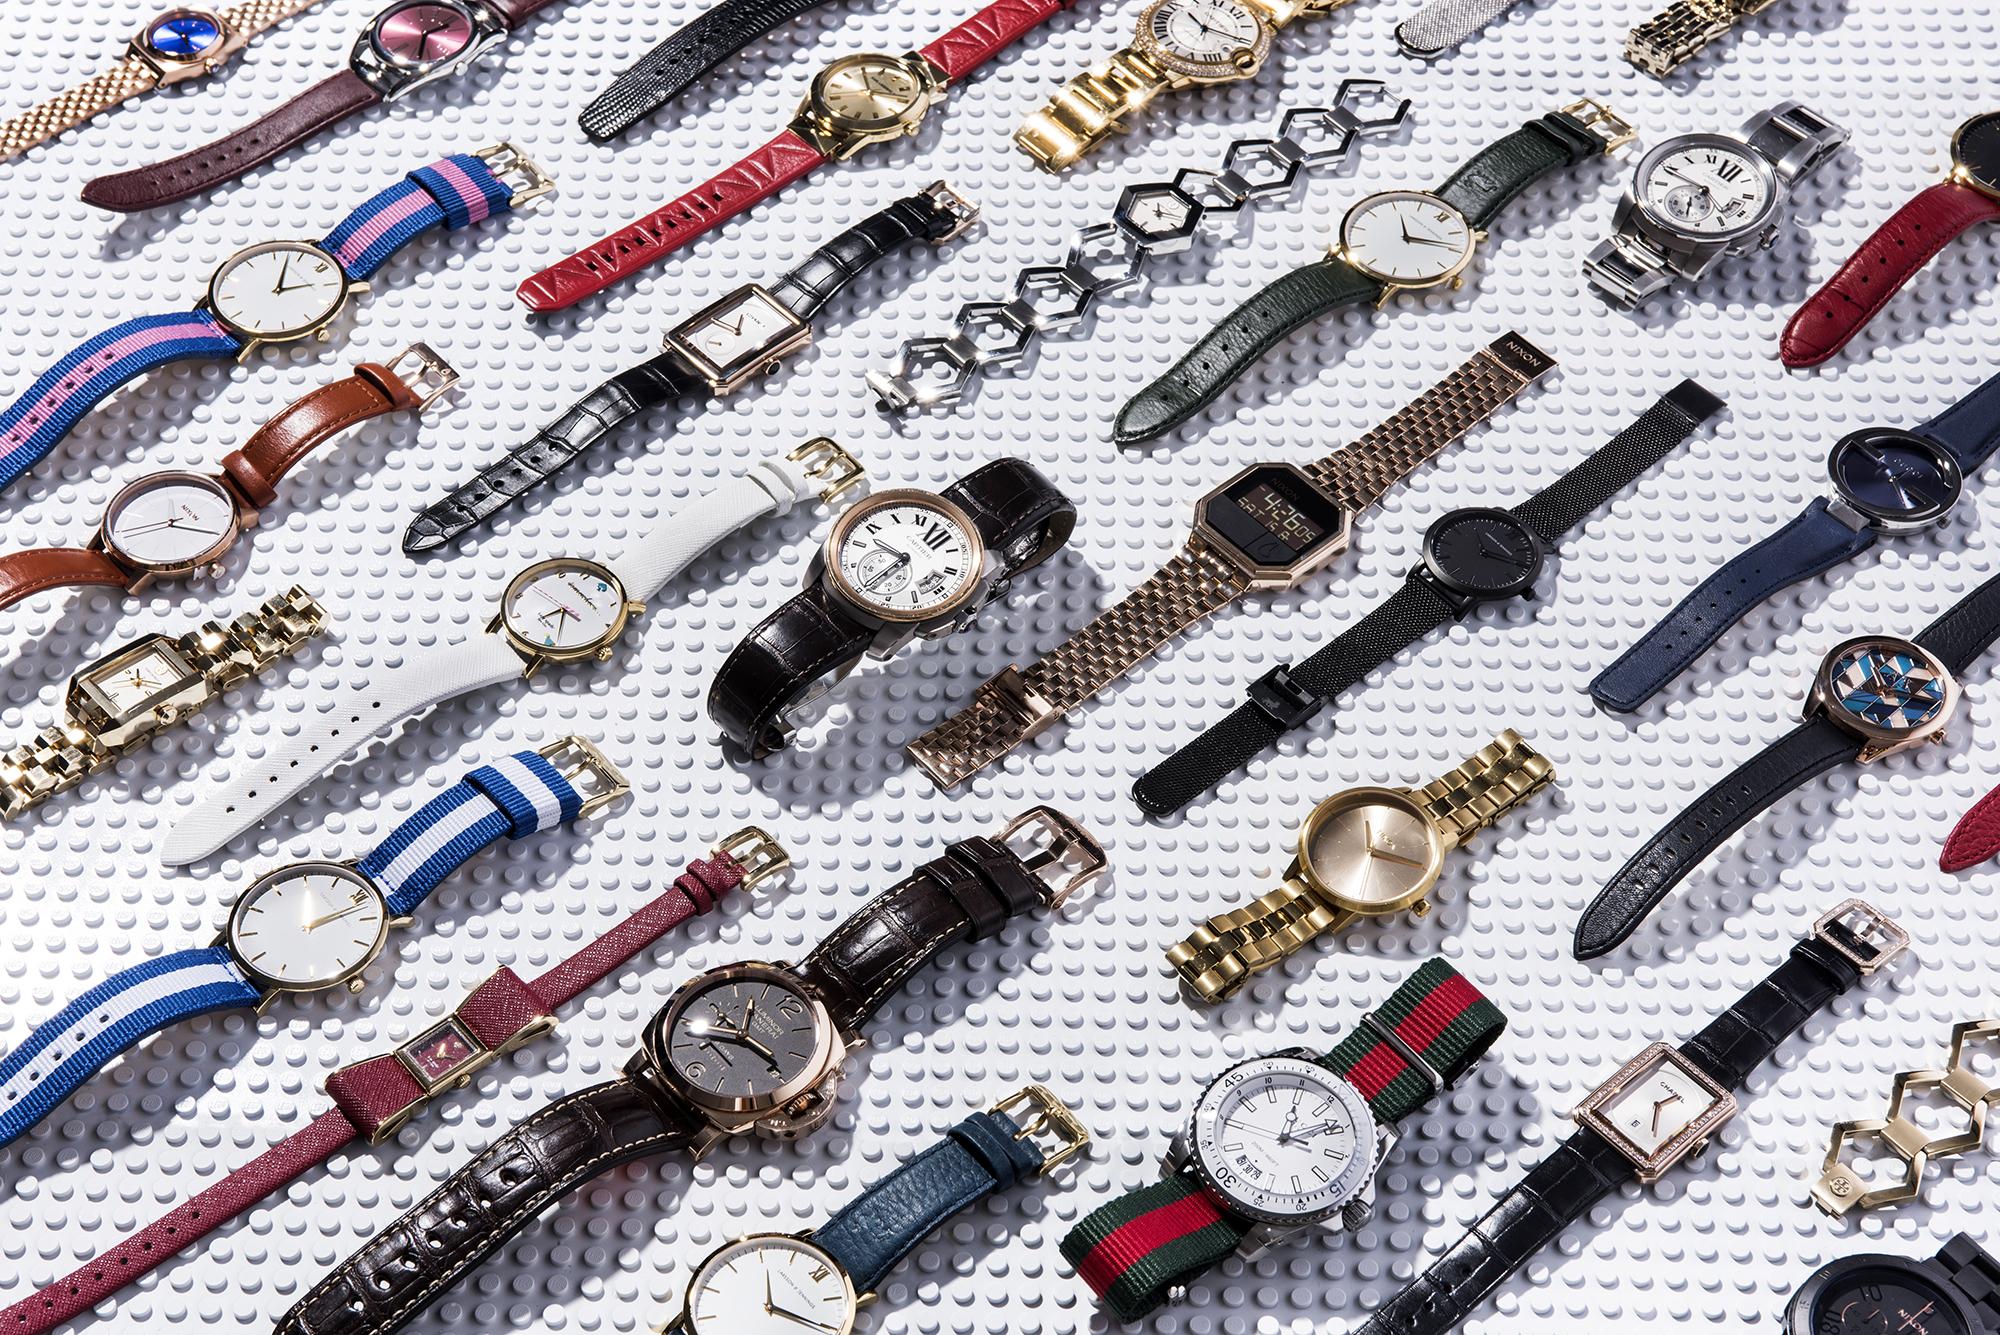 Paper_Watches4Edit_sm.jpg